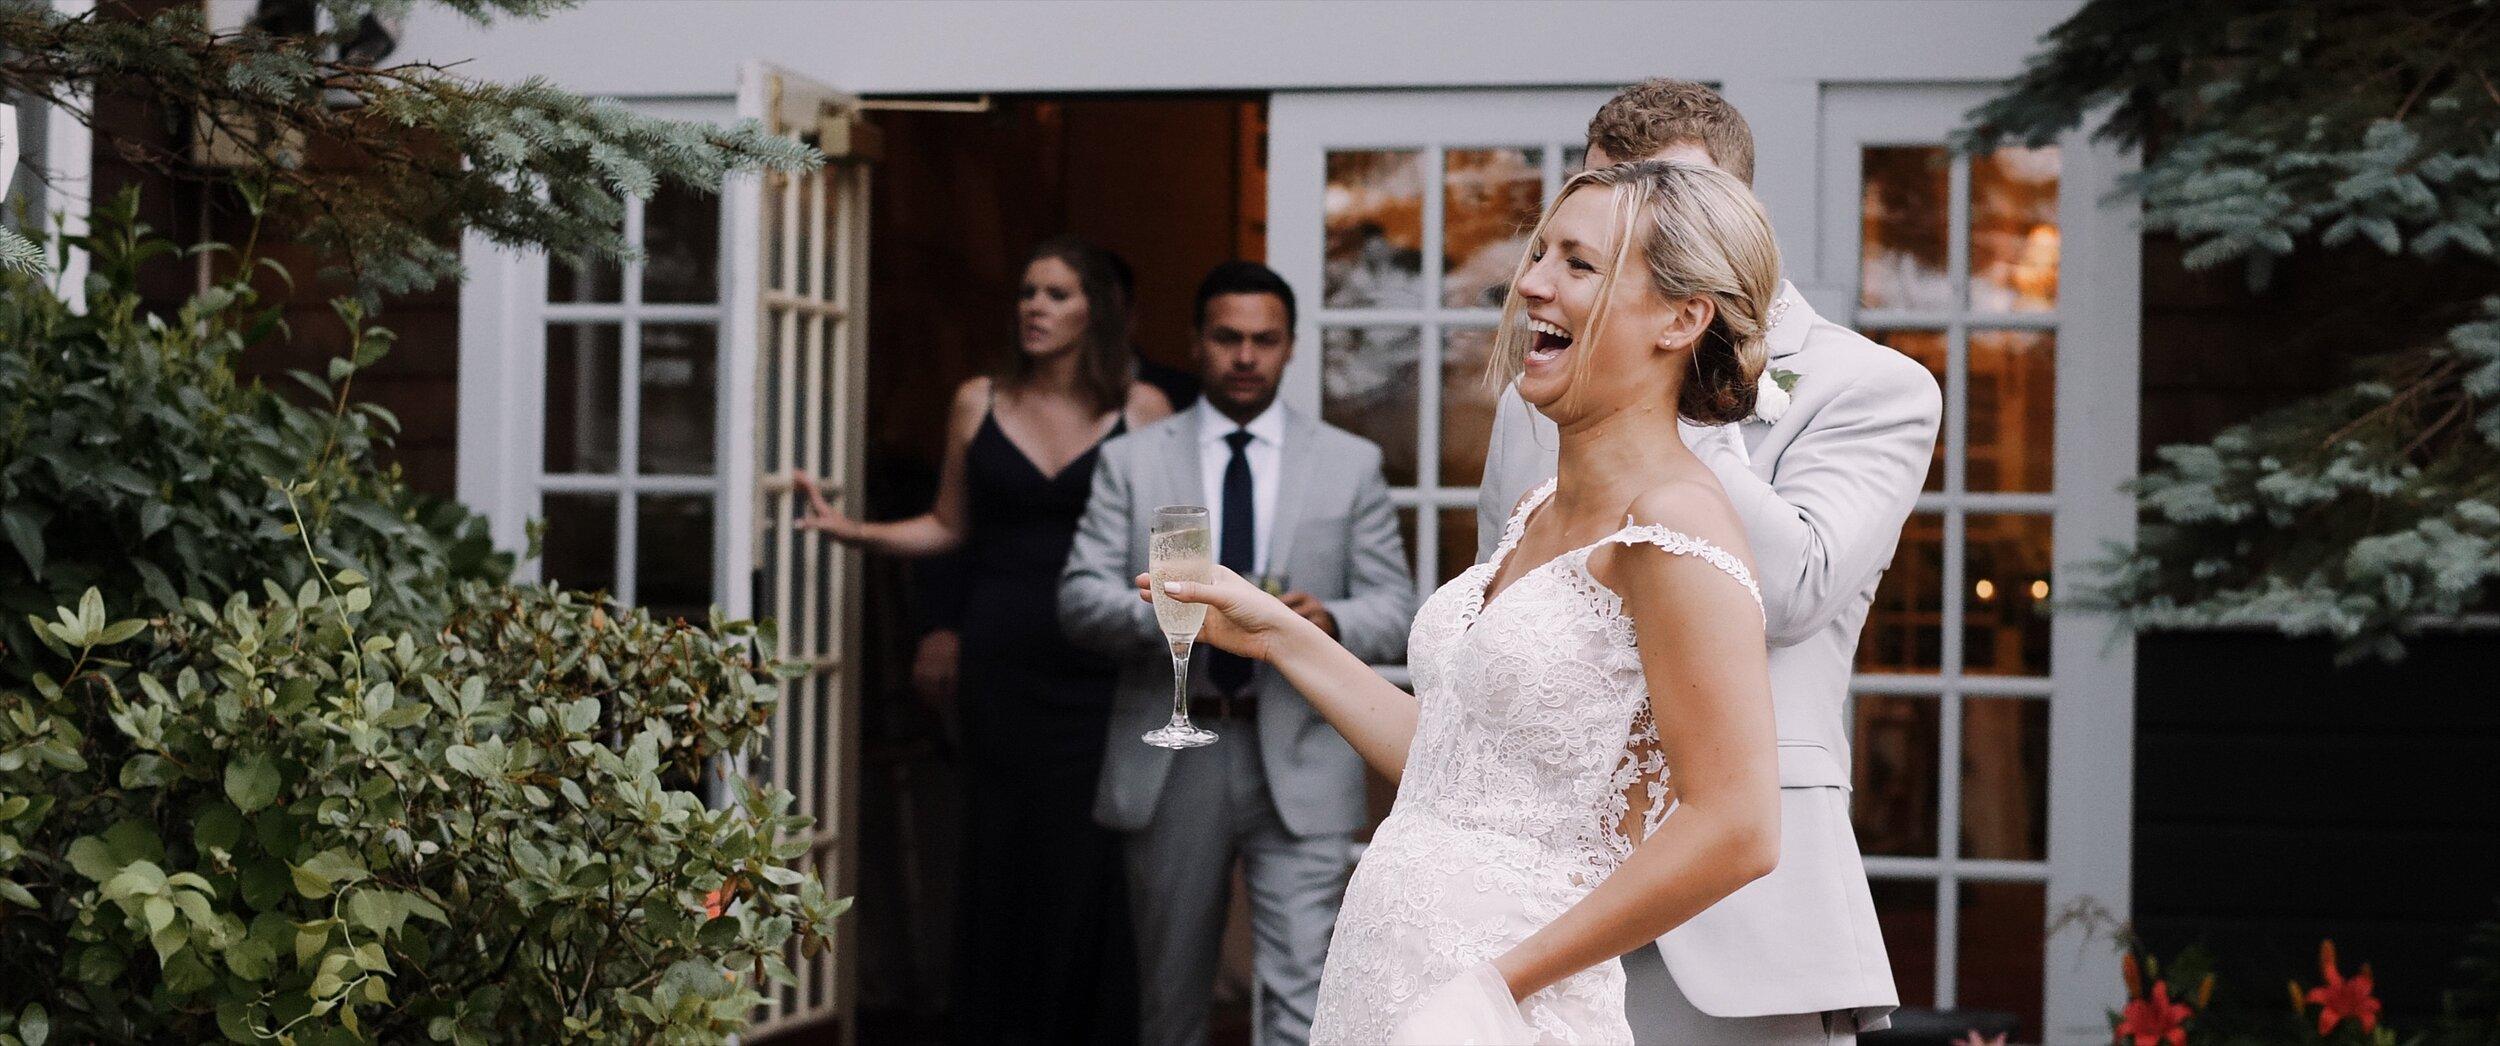 Bride laughing.jpeg